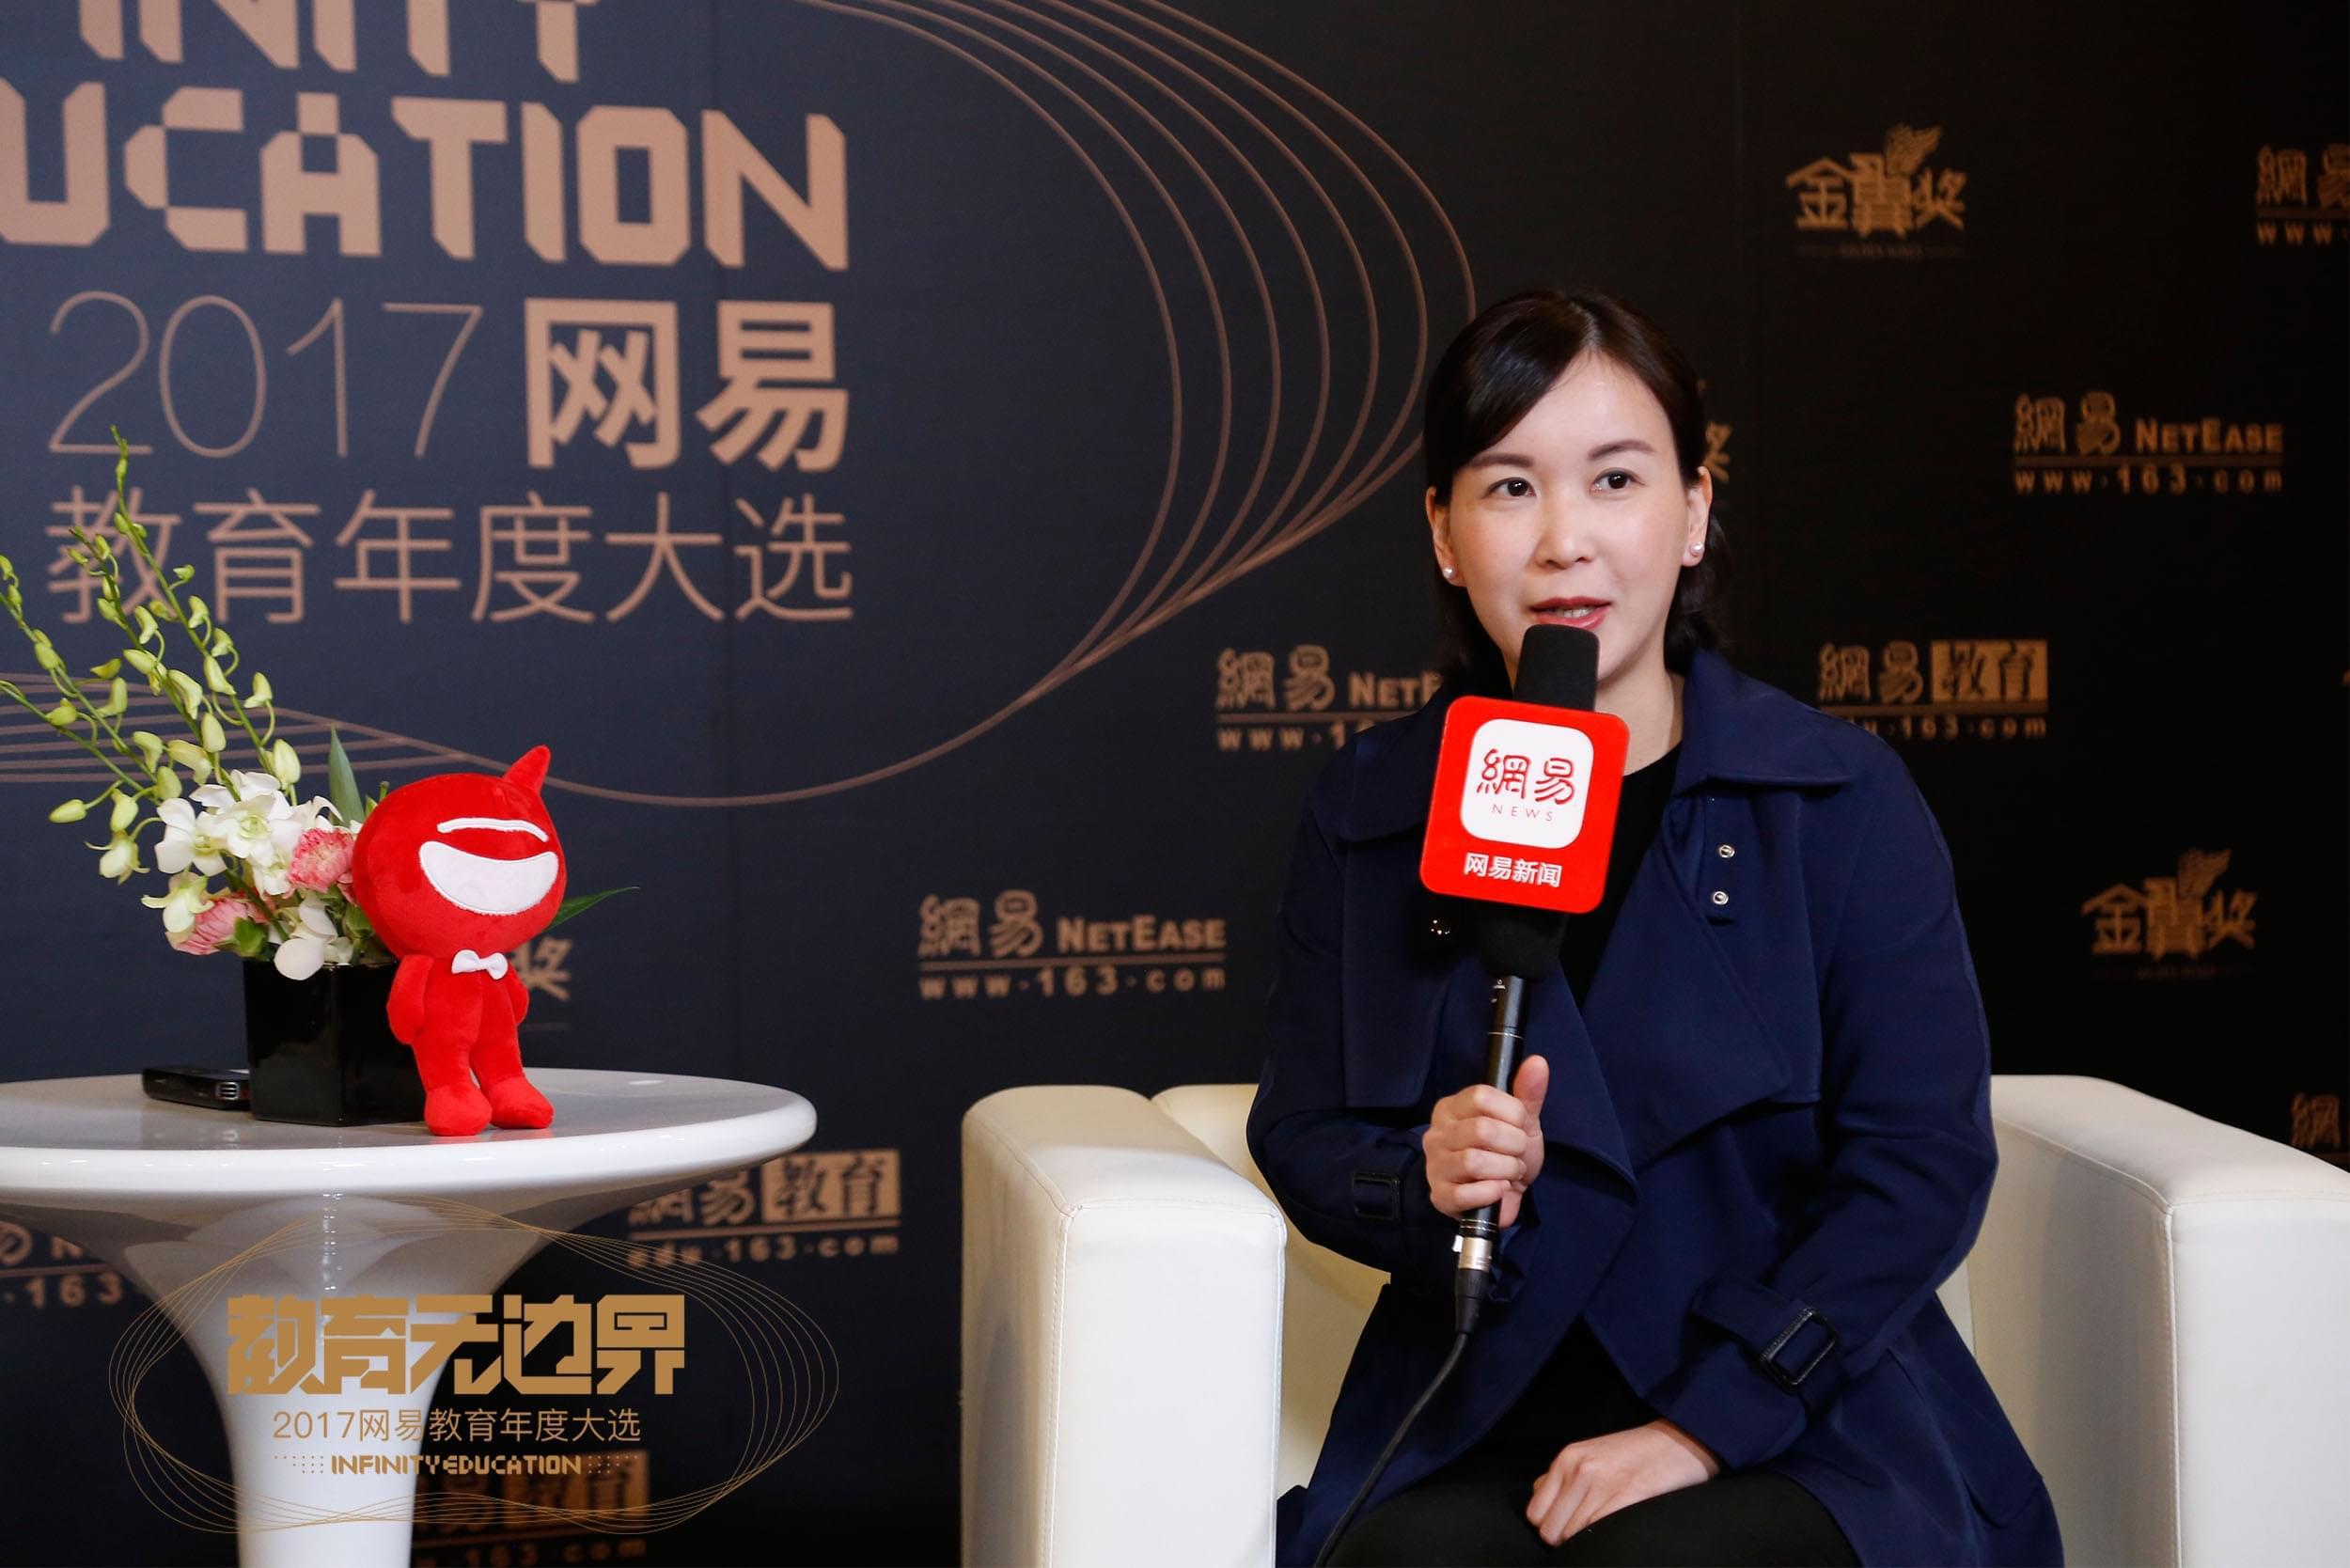 朵拉舞蹈CEO邱艳秋:艺术教育让孩子放飞天性